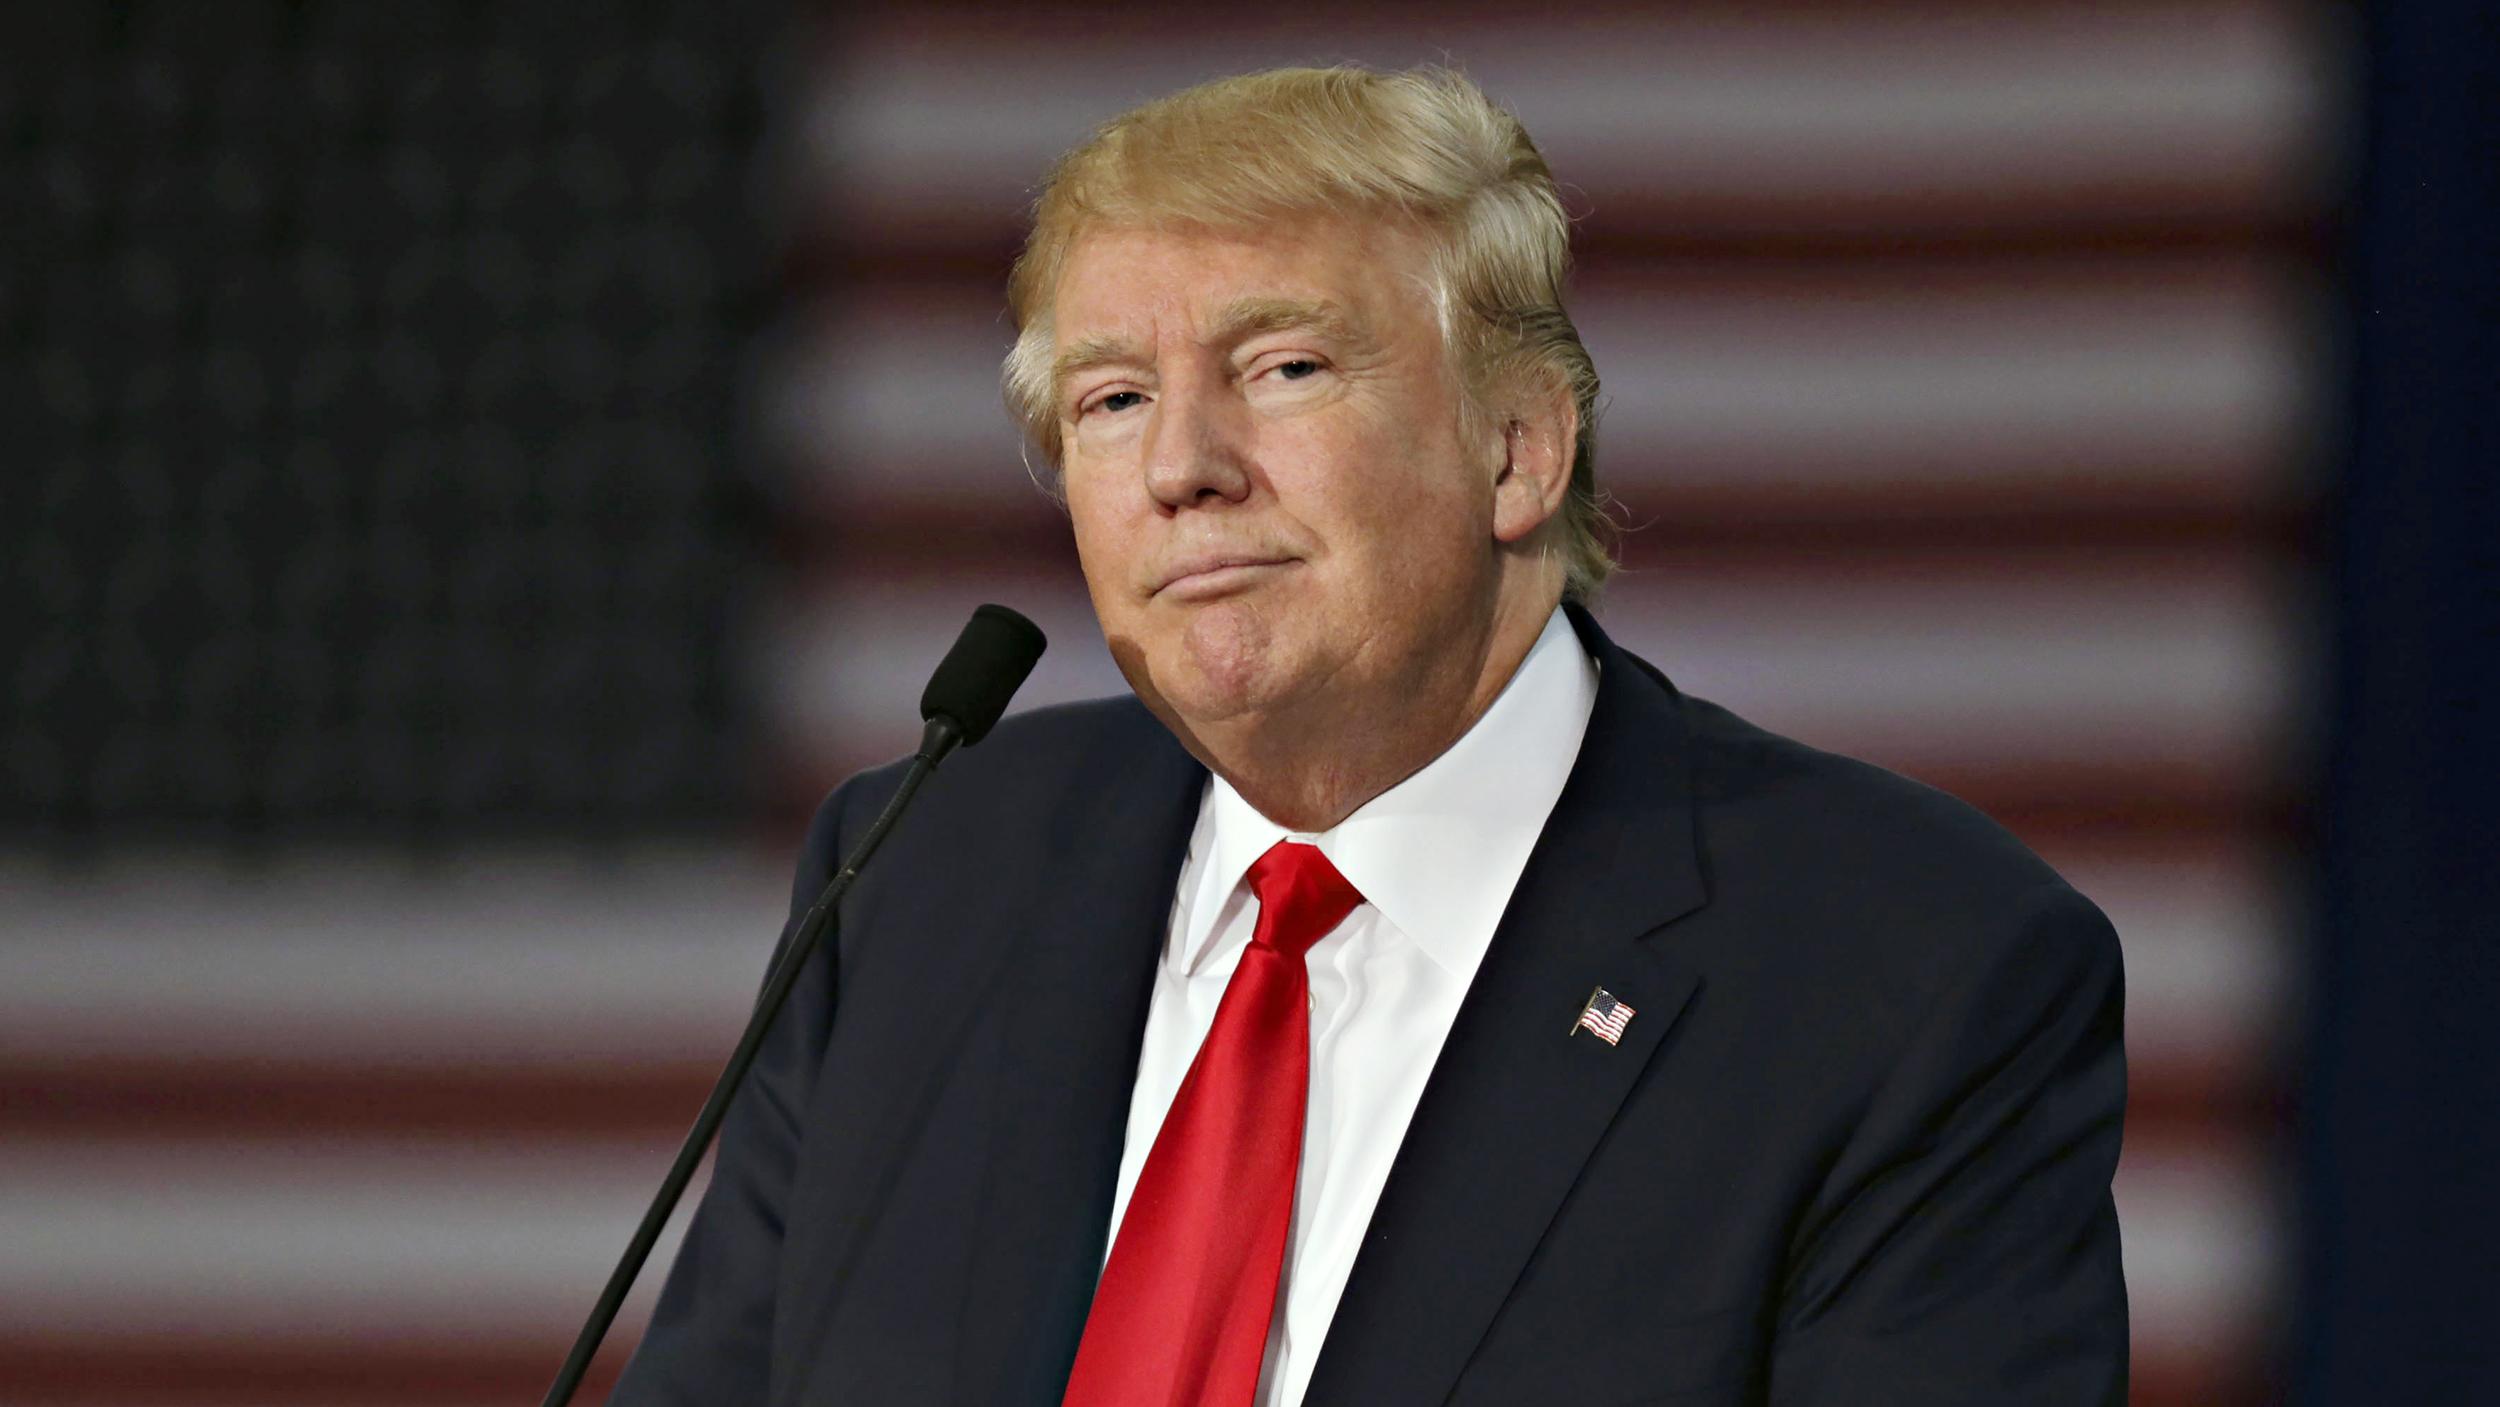 Presiden baru AS menegaskan  akan cepat merundingekan kembali NAFTA